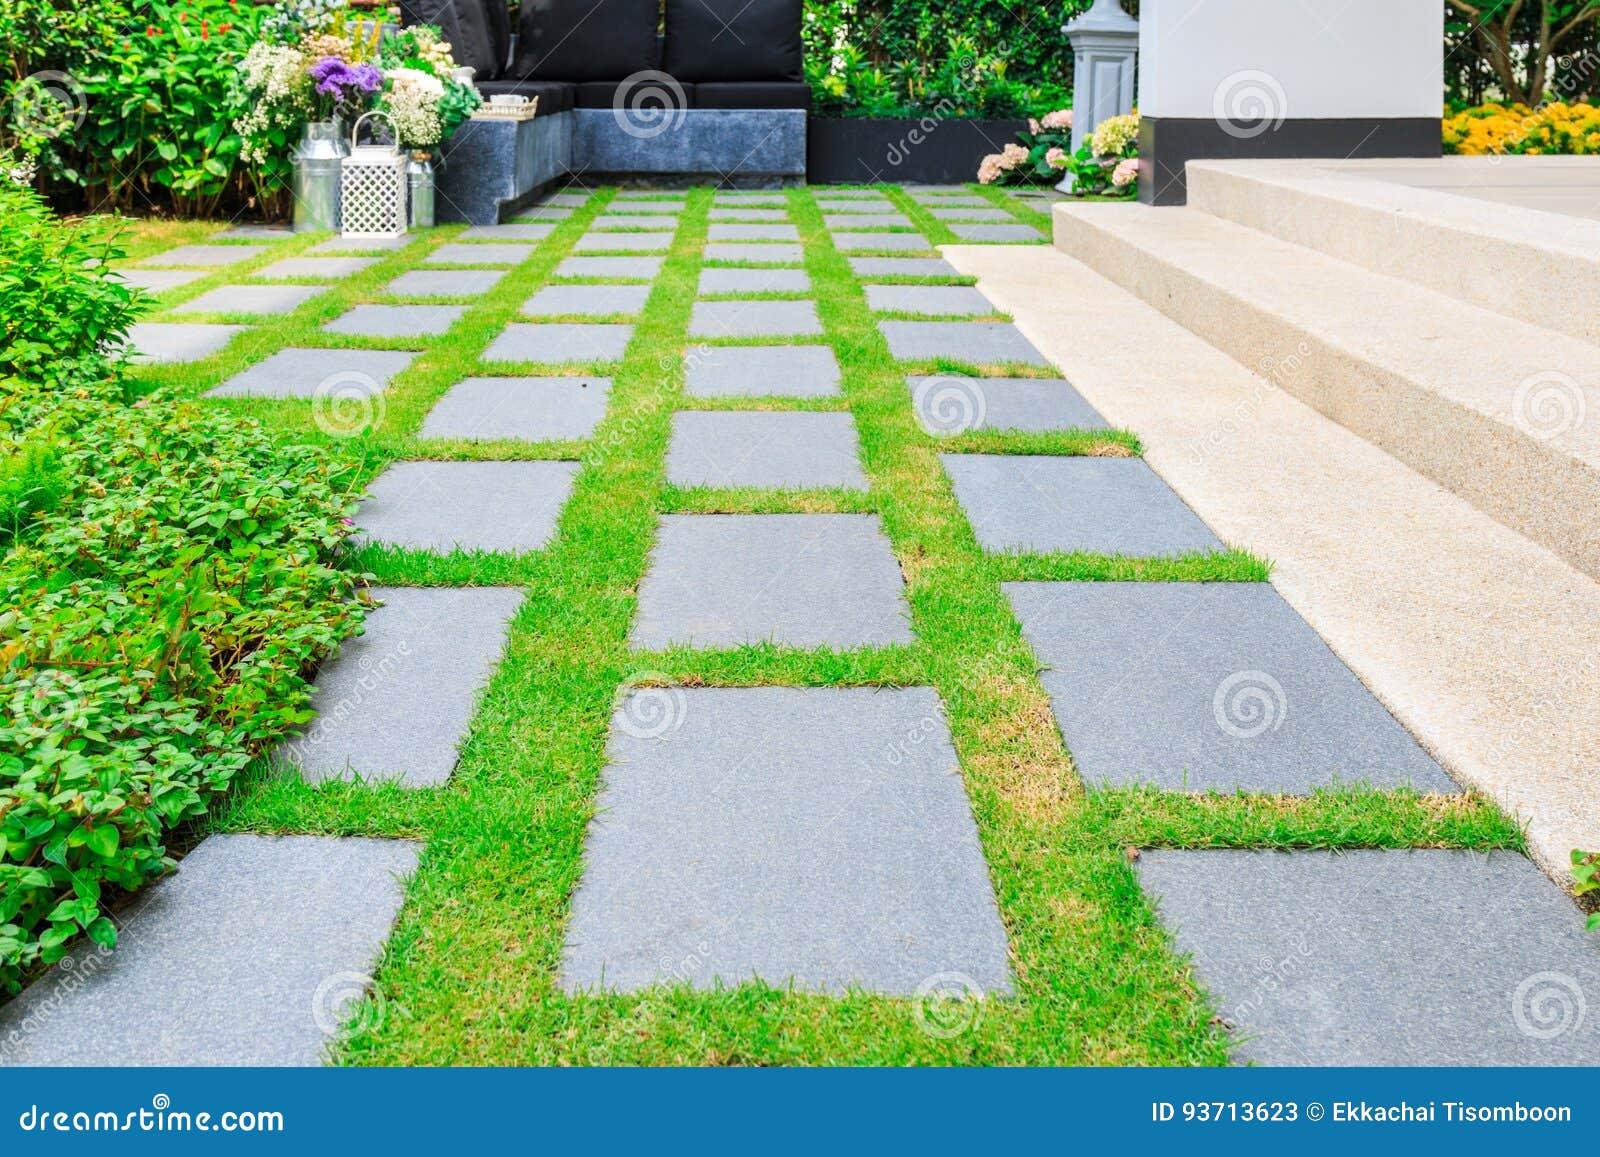 steinplatten auf dem gras im garten stockbild - bild von garten